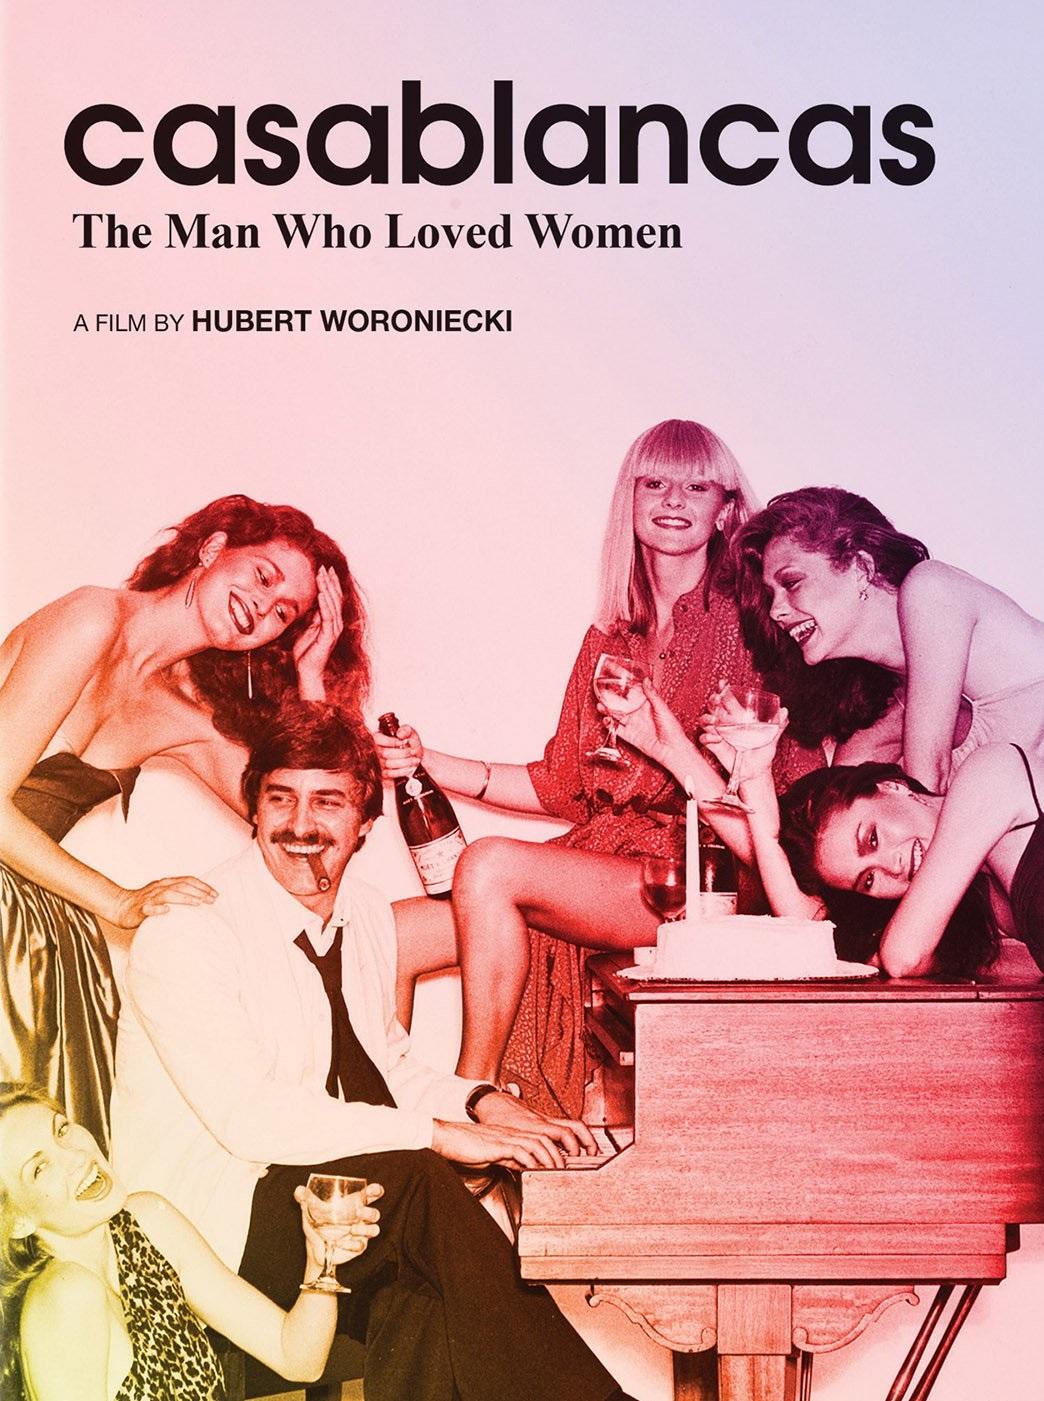 """Casablancas: The Man Who Loved Women - John Casablancas fue el fundador de la agencia Elite Model Management y quien llevó a la popularidad el concepto de """"supermodelo"""" que impactó la industria de la moda en los años 90. Entre los nombres más conocidos de las egresadas de Elite se encuentran Cindy Crawford, Naomi Campbell, Linda Evangelista, Gisele Bundchen y Stephanie Seymour. (Suministrada)"""